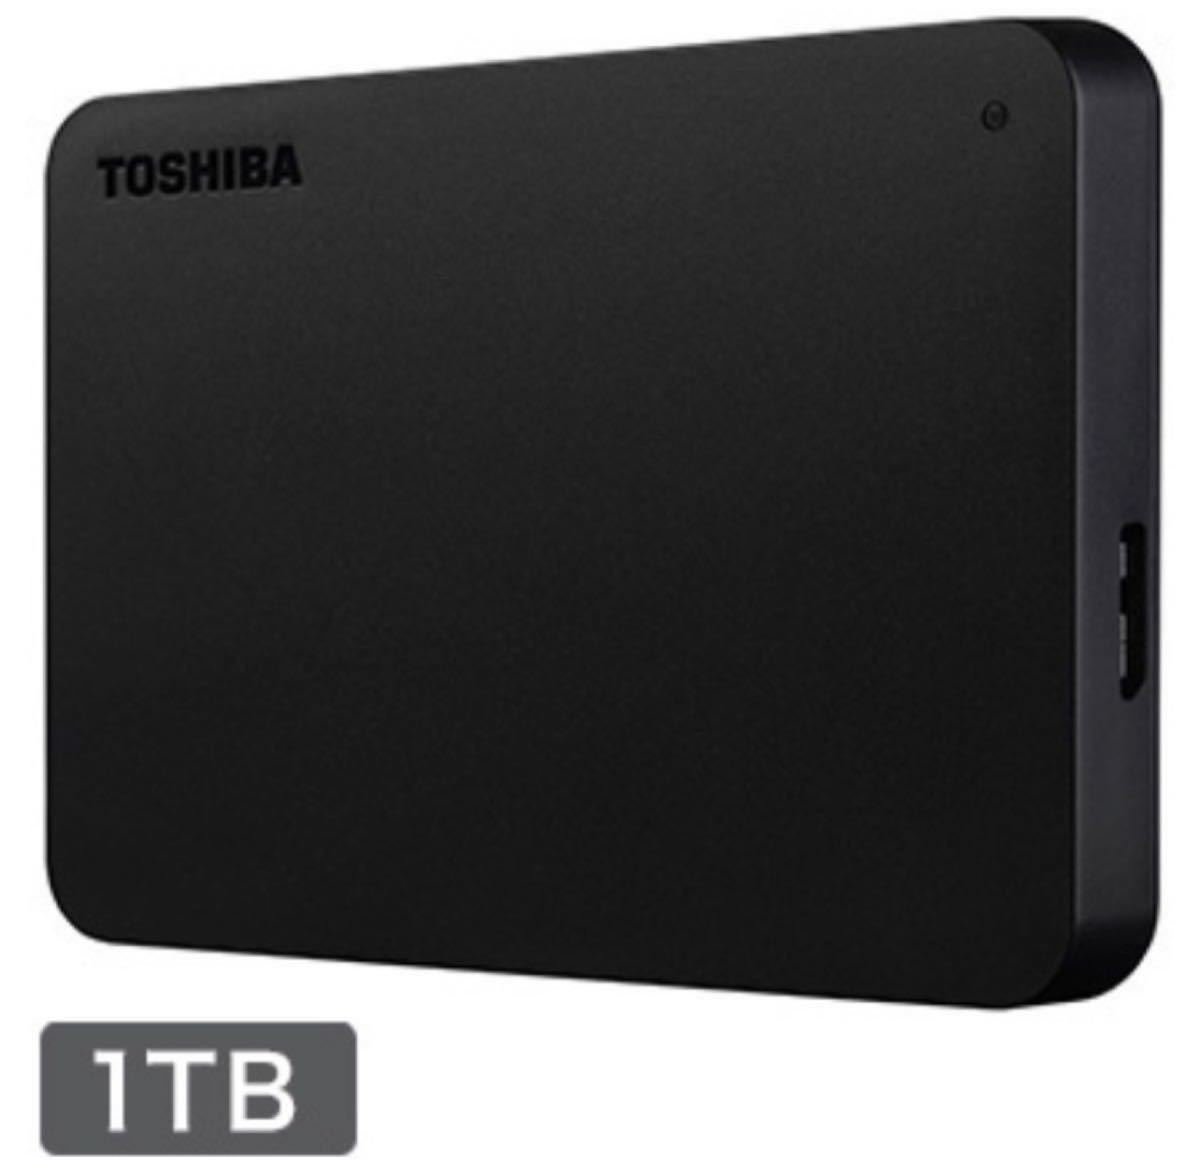 TOSHIBA 外付け ポータブルハードディスク 1TB ブラック HDAD10AK3-FP 東芝